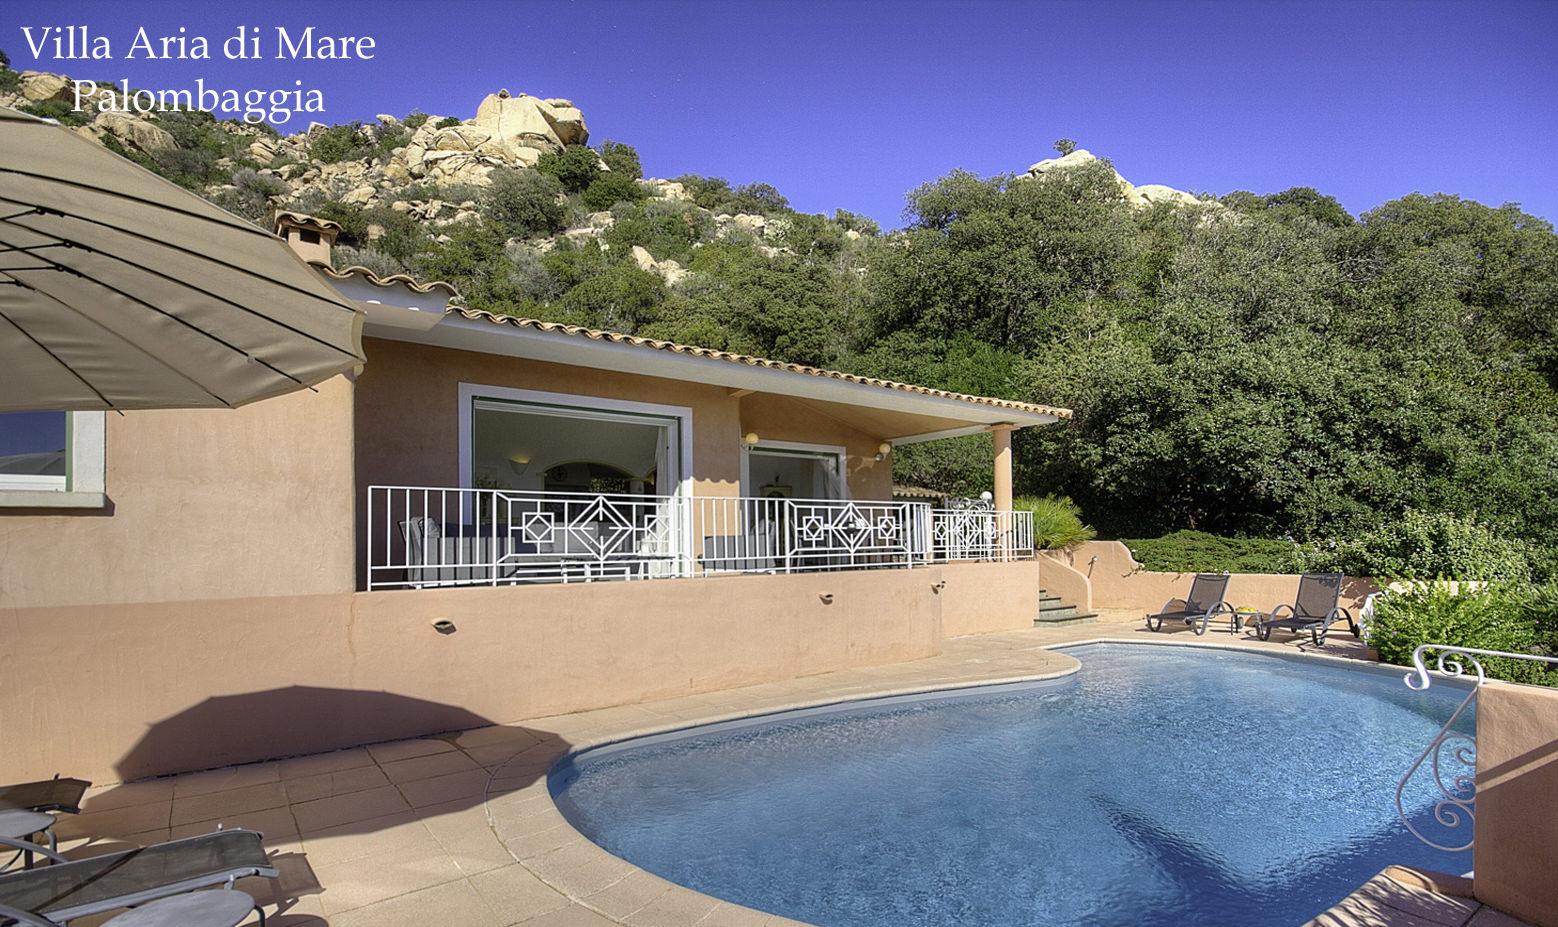 Maison a louer corse elegant location de vacances villa for Villa a louer en corse avec piscine